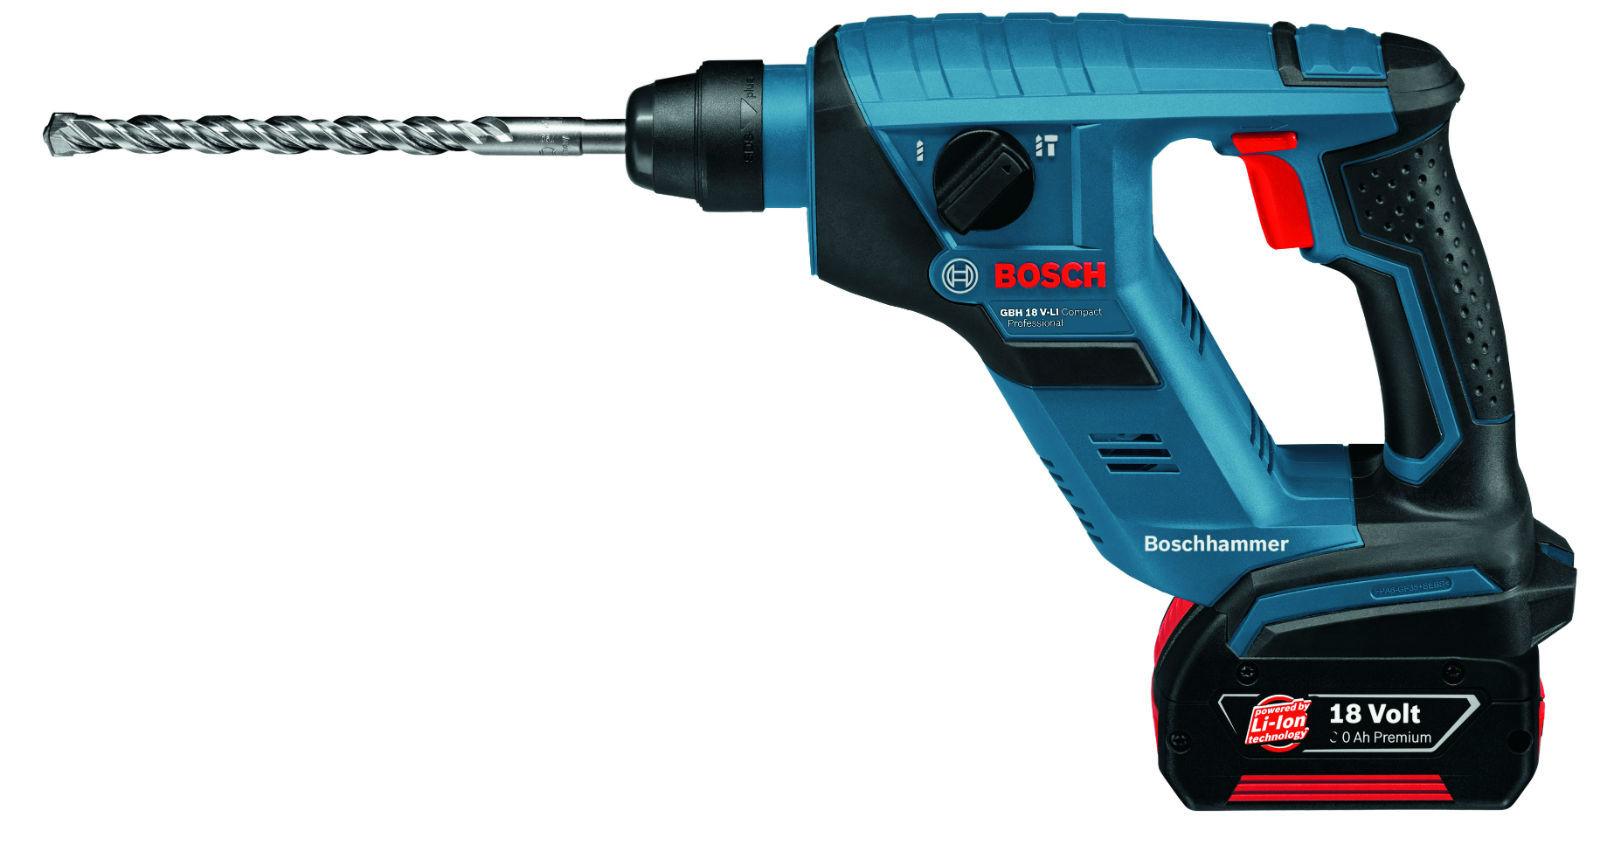 Перфоратор Bosch 611905308 gbh 18 v-li compact (0.611.905.308) пила цепная аккумуляторная bosch ake 30 li